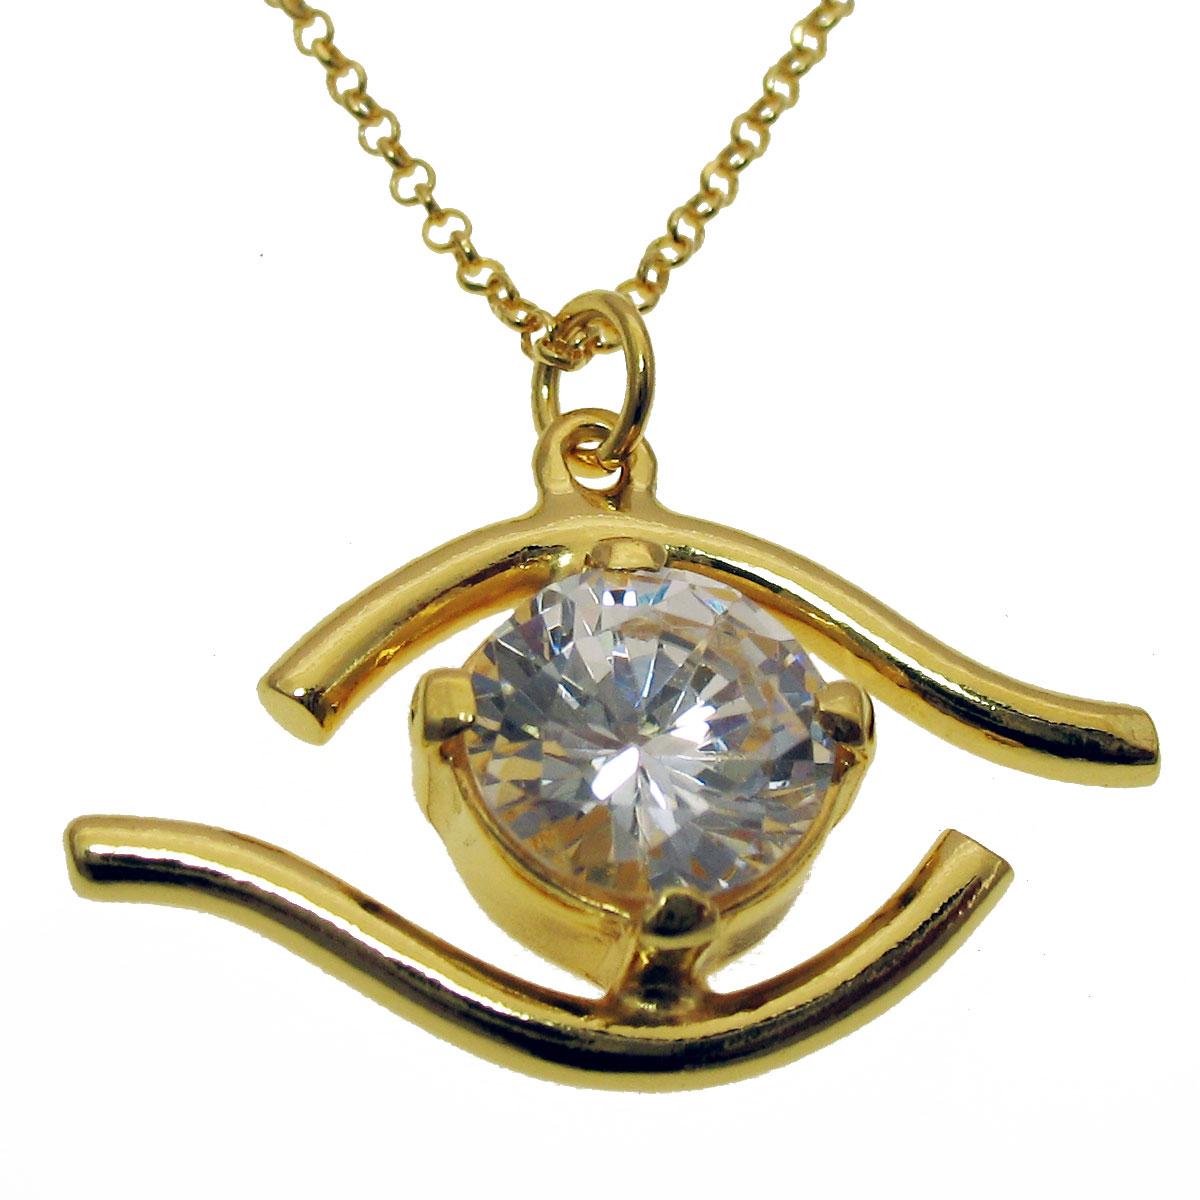 Χειροποίητο κολιέ (Ματάκι) από επιχρυσωμένο ασήμι 925ο με ημιπολύτιμες  πέτρες (Ζιργκόν).  IJ-040029  c00969983cc